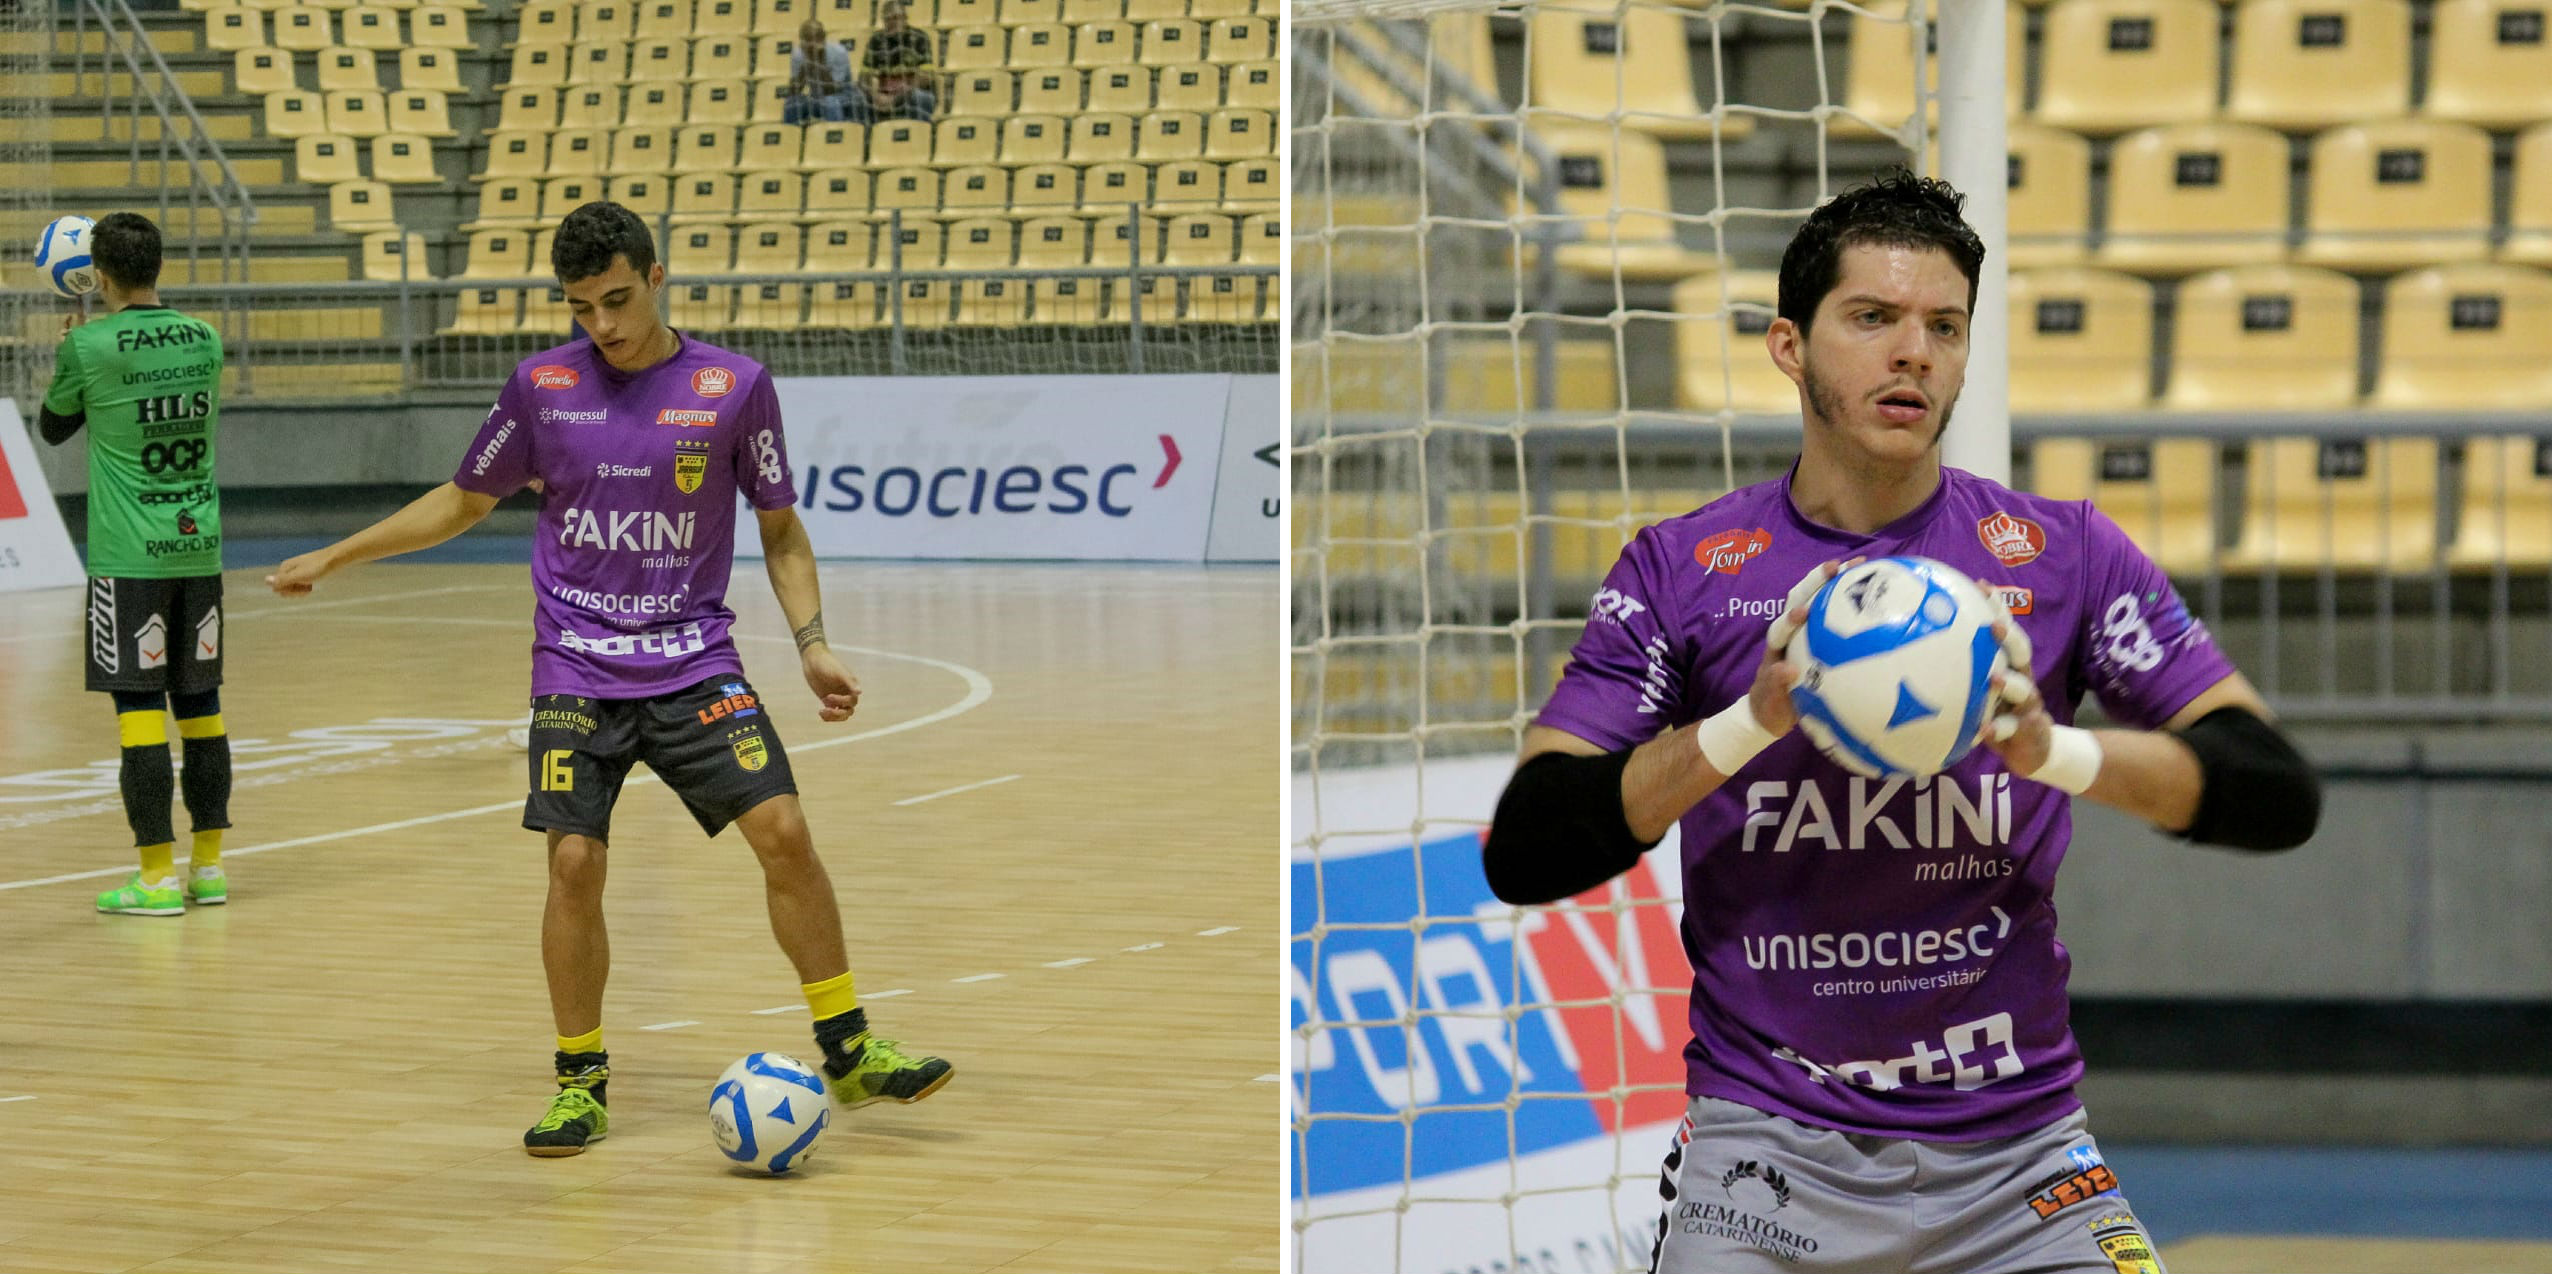 Jogador Torres ( primeira imagem) e o Goleiro João Neto ( segunda imagem) - Fotos: Emerson Gonçalves/Rádio RBN